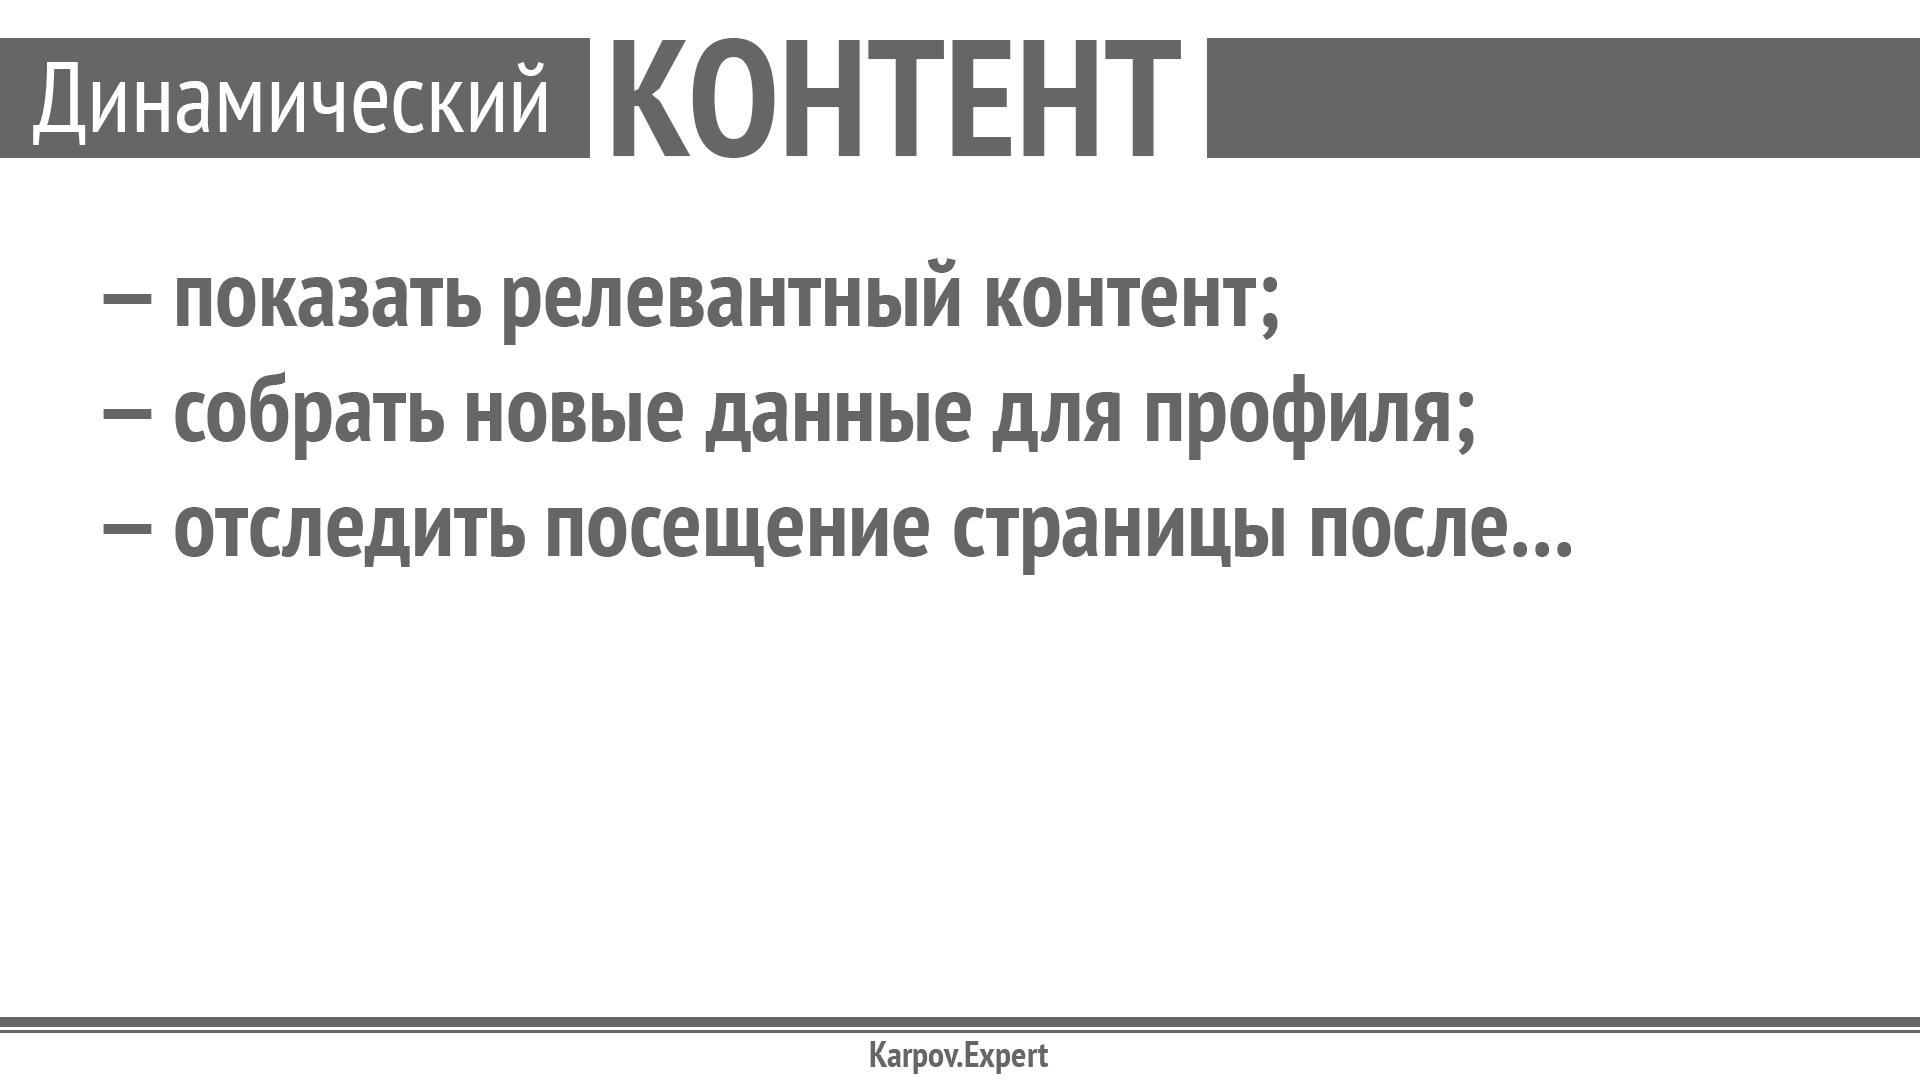 Karpov-WordCamp2019_Page_42